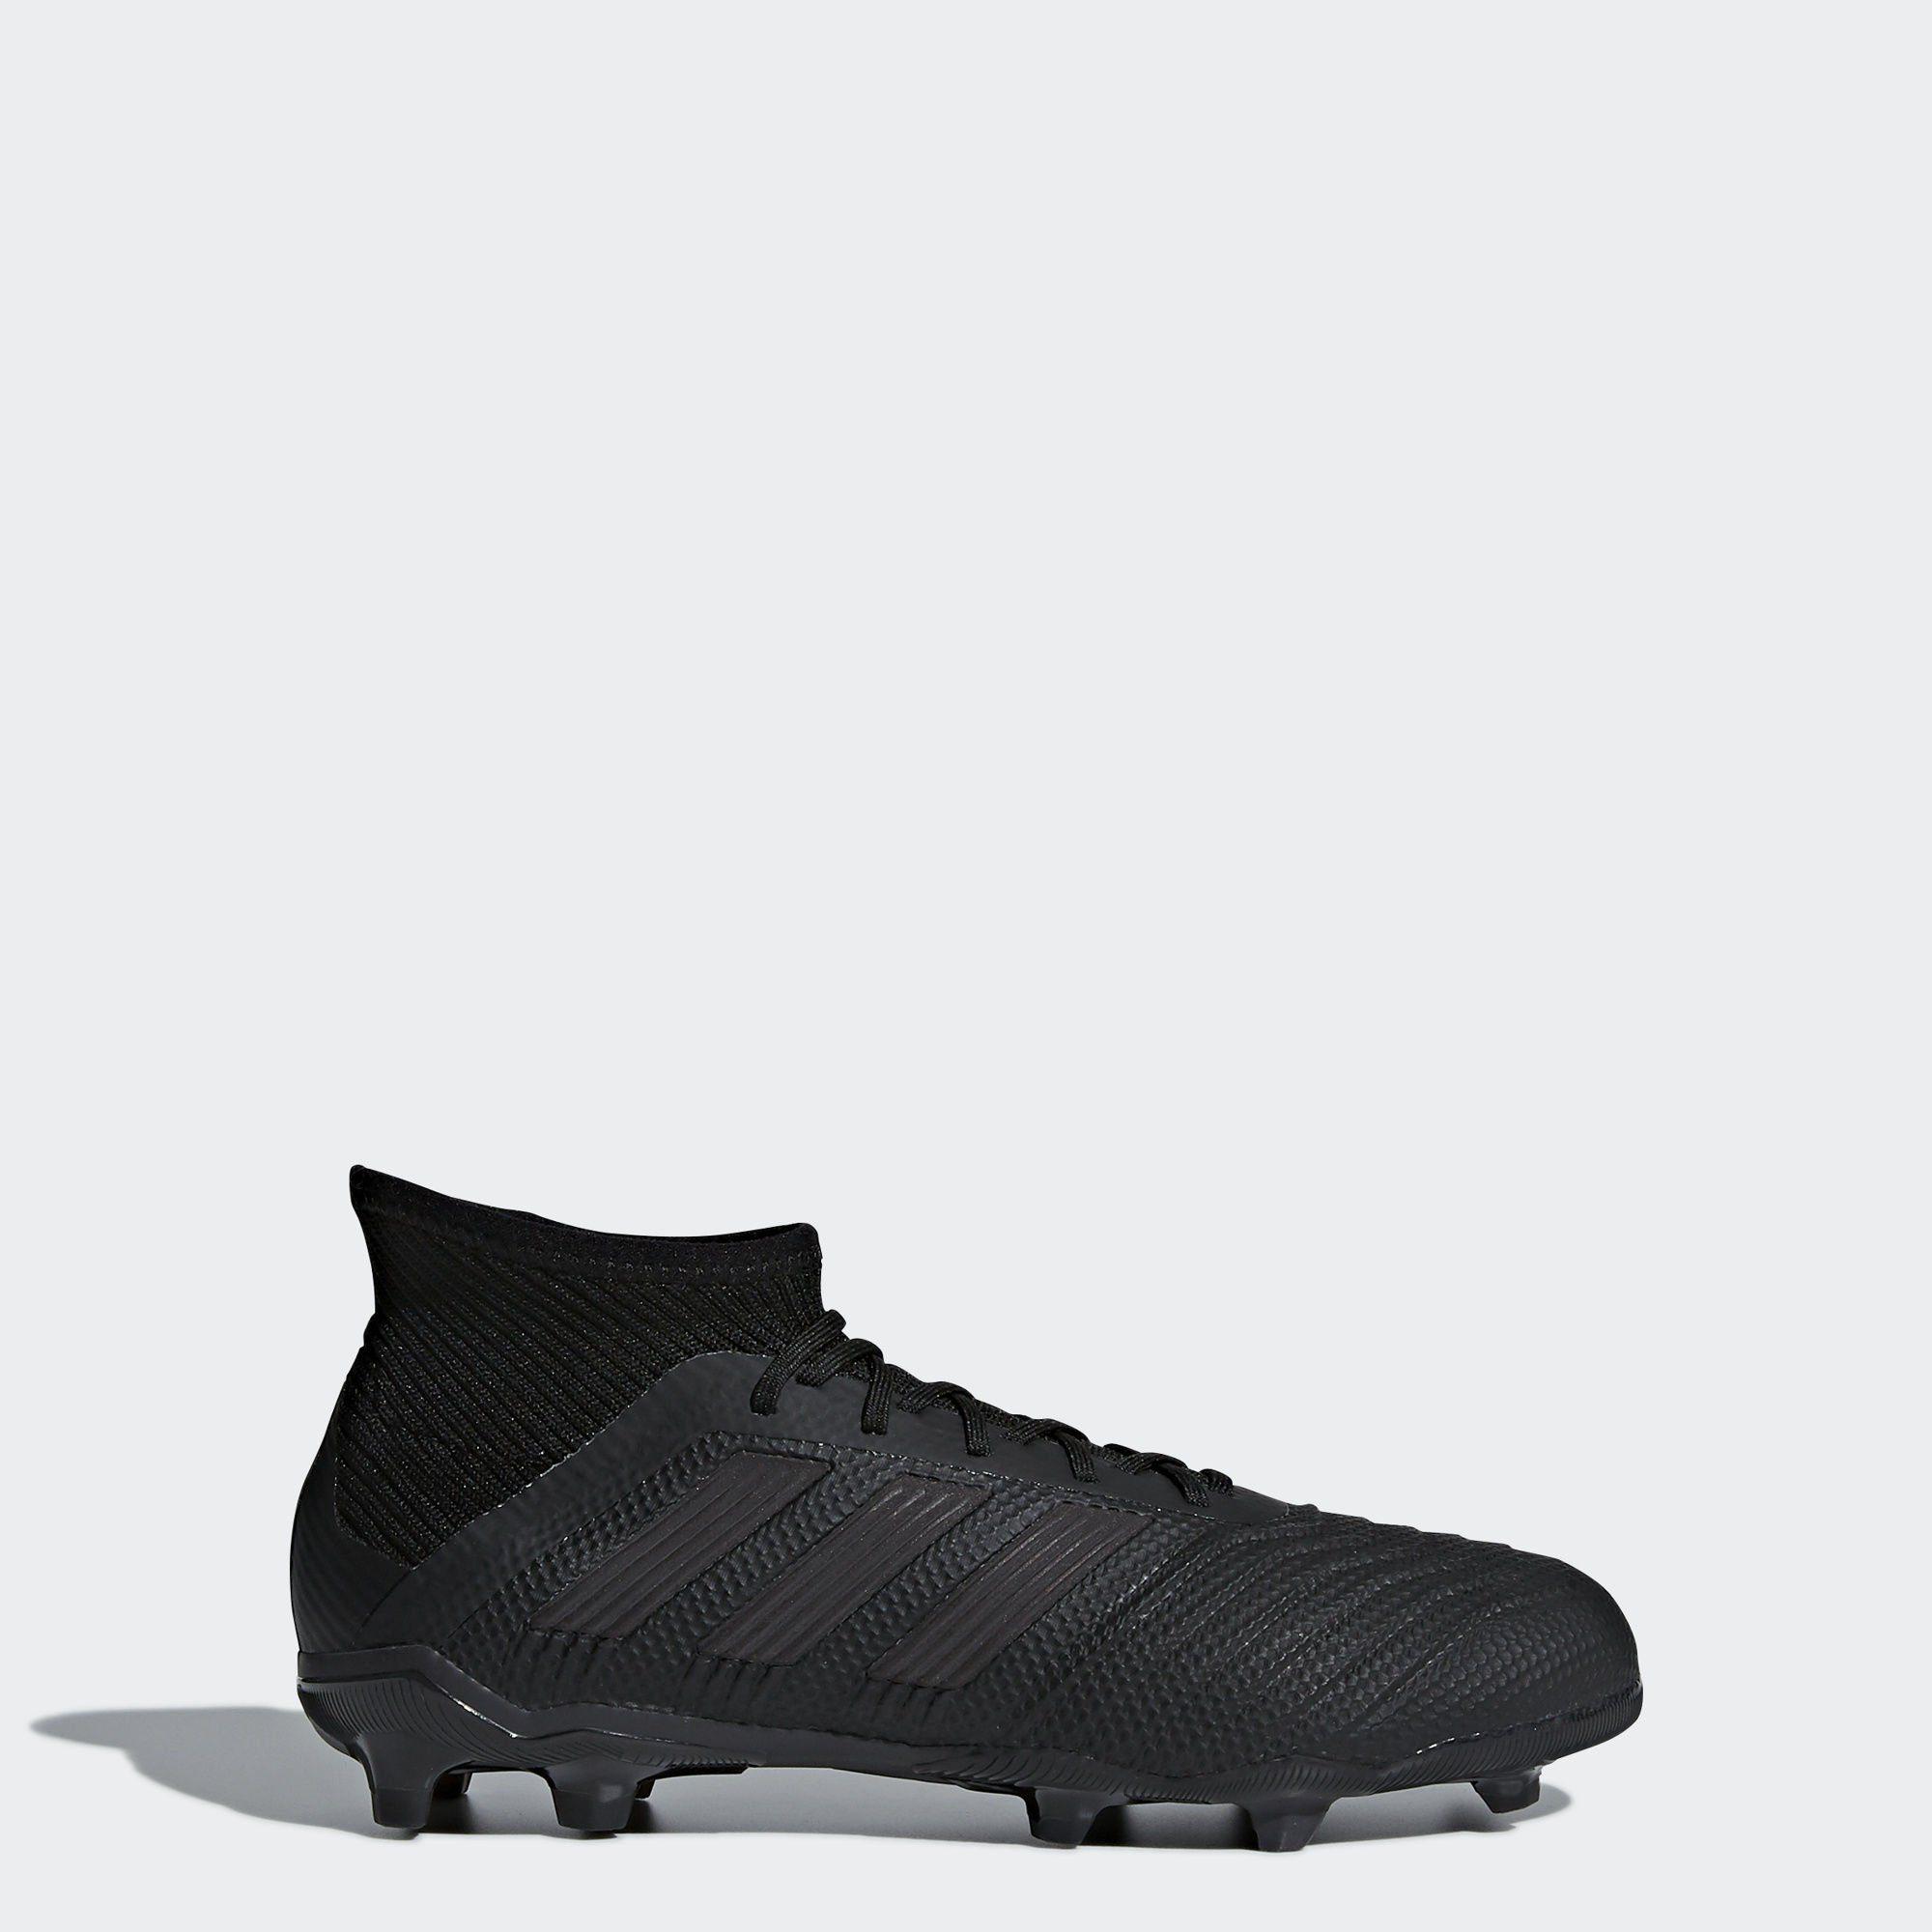 adidas Performance Predator 181Fußballschuh, Predator 181 FG Fußballschuh online kaufen  black